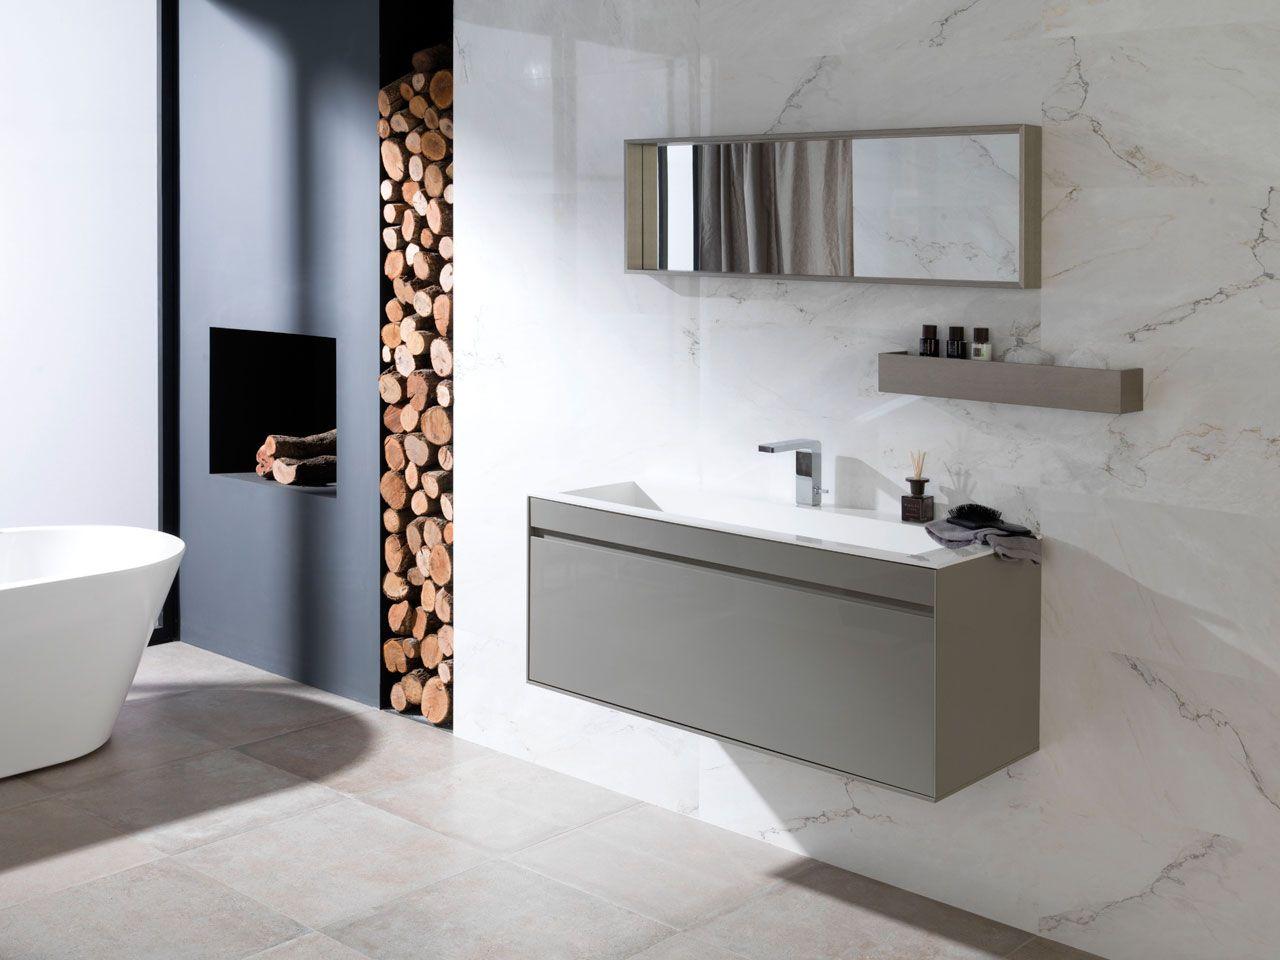 Mobillier de salles de bains. Le Groupe Porcelanosa propose depuis